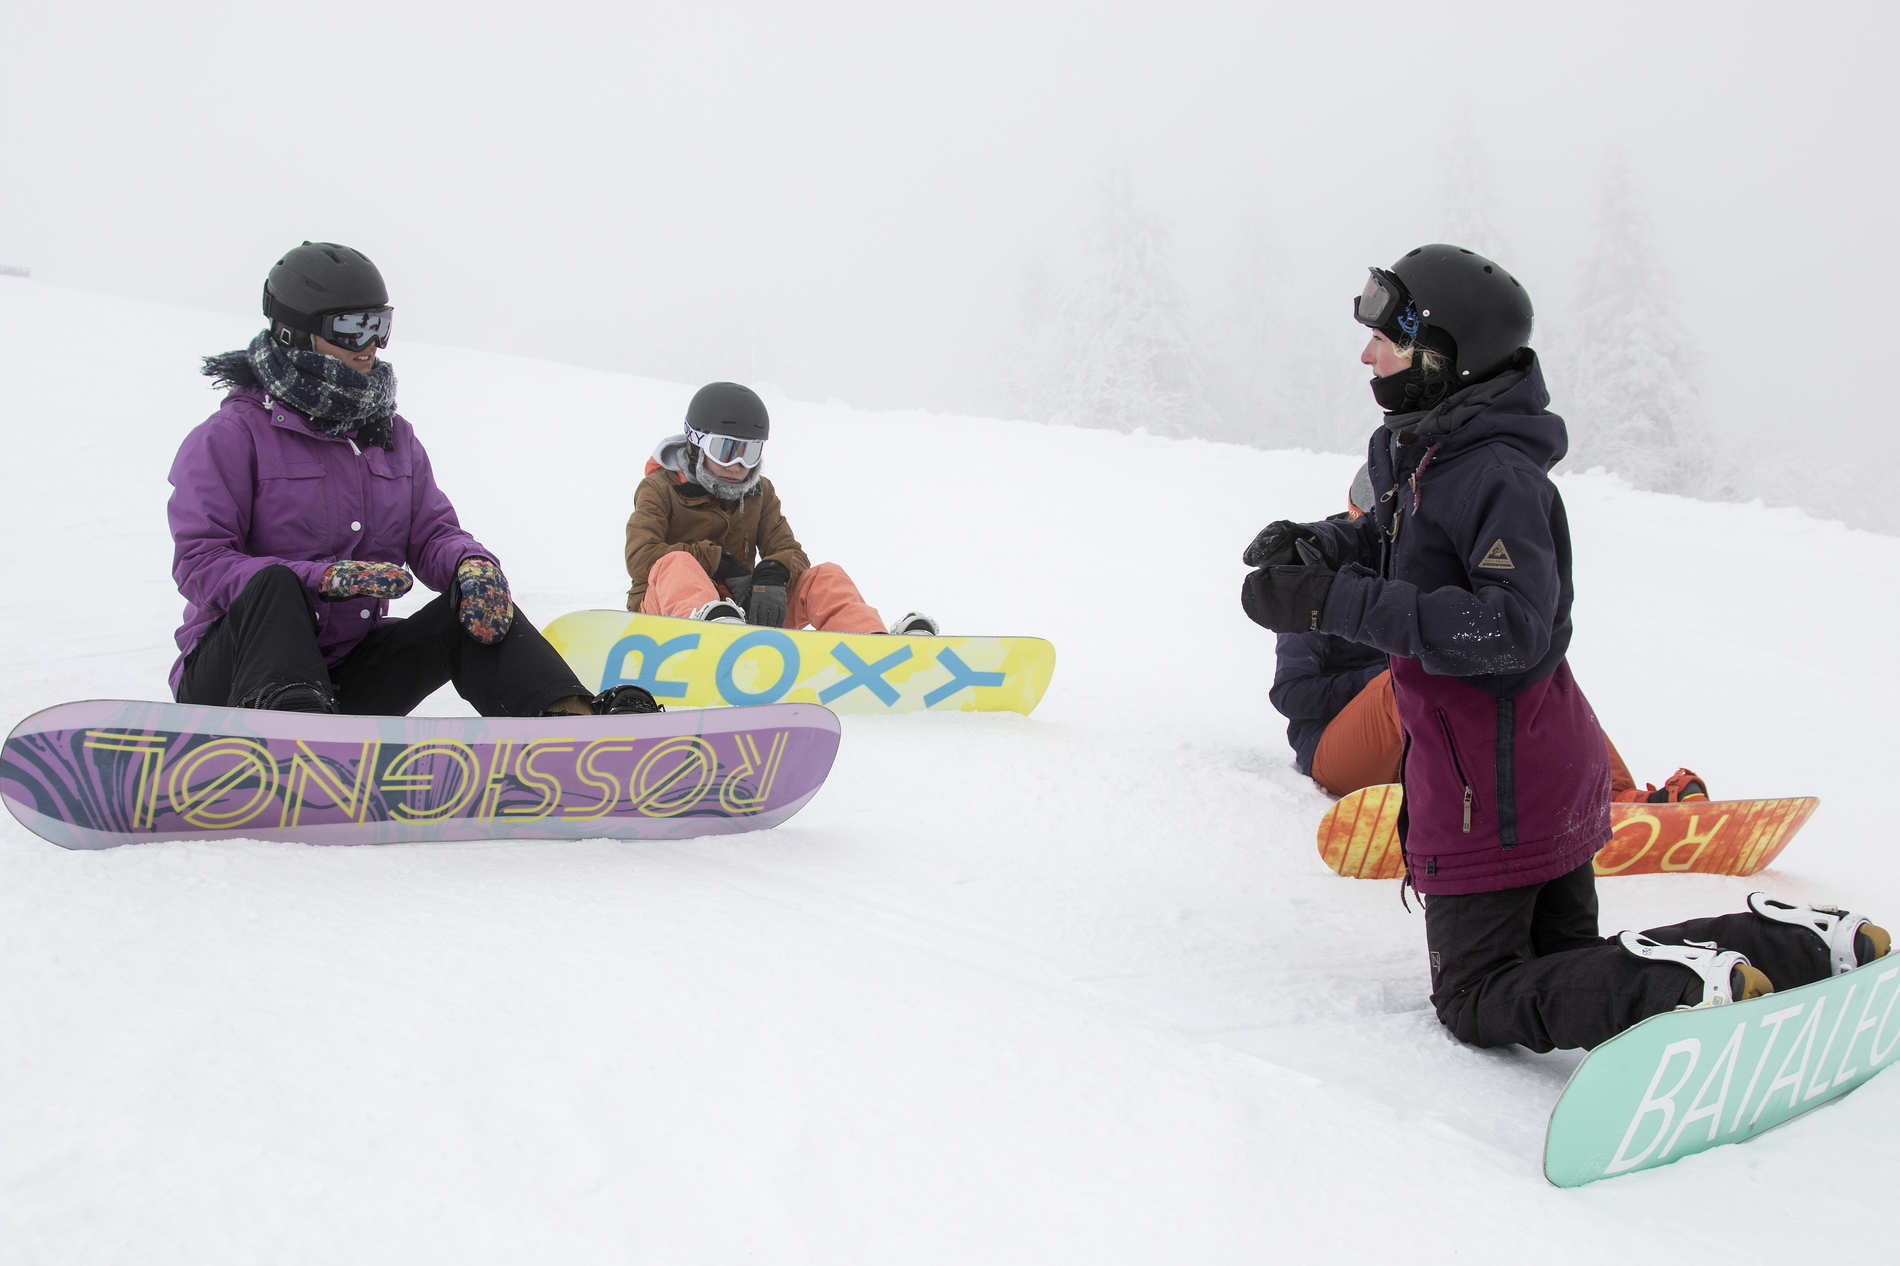 snowpark feldberg 24 02 2018 lifestyle fs sb martin herrmann qparks 20